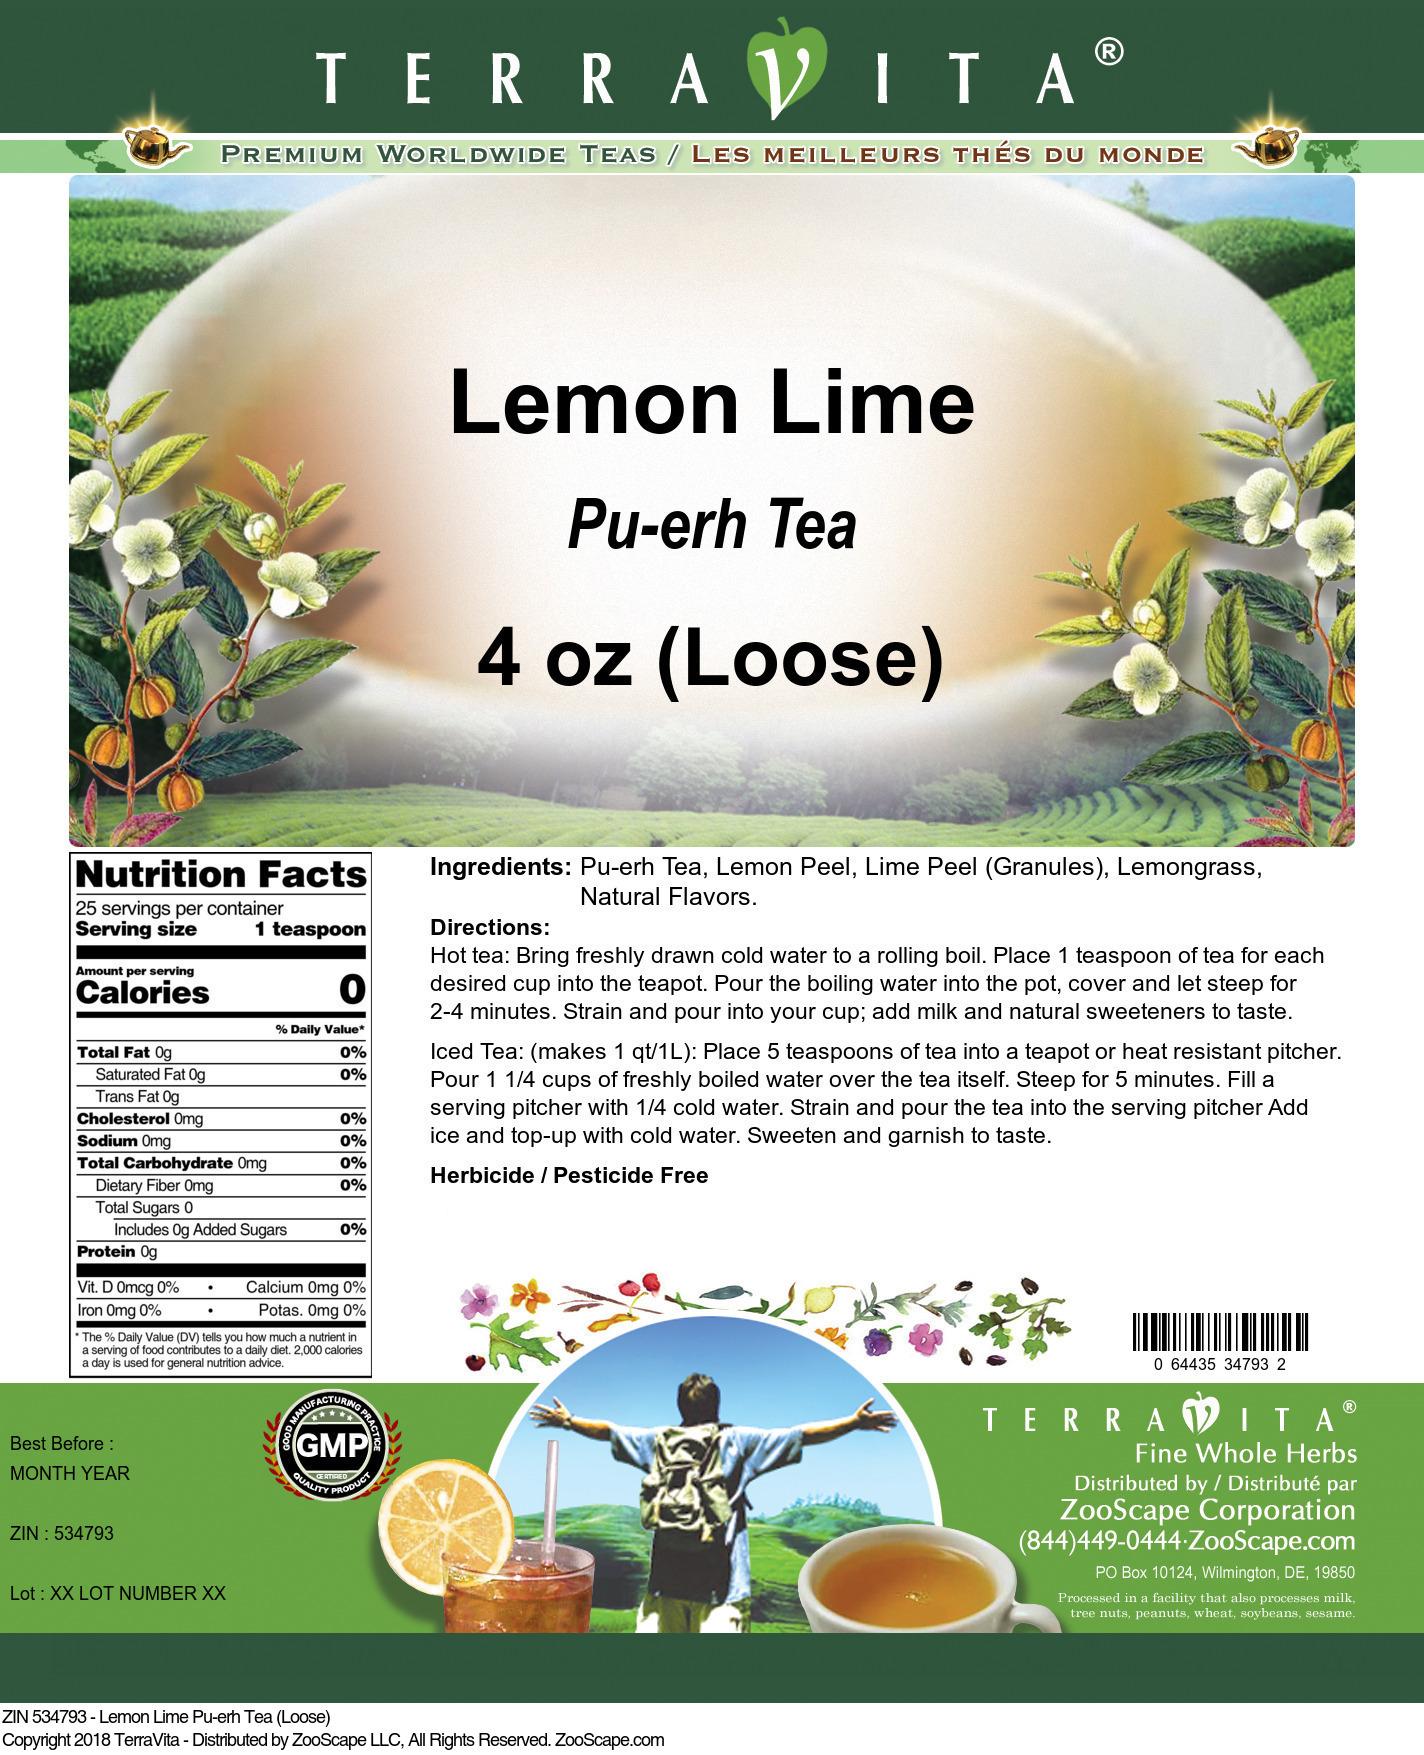 Lemon Lime Pu-erh Tea (Loose)